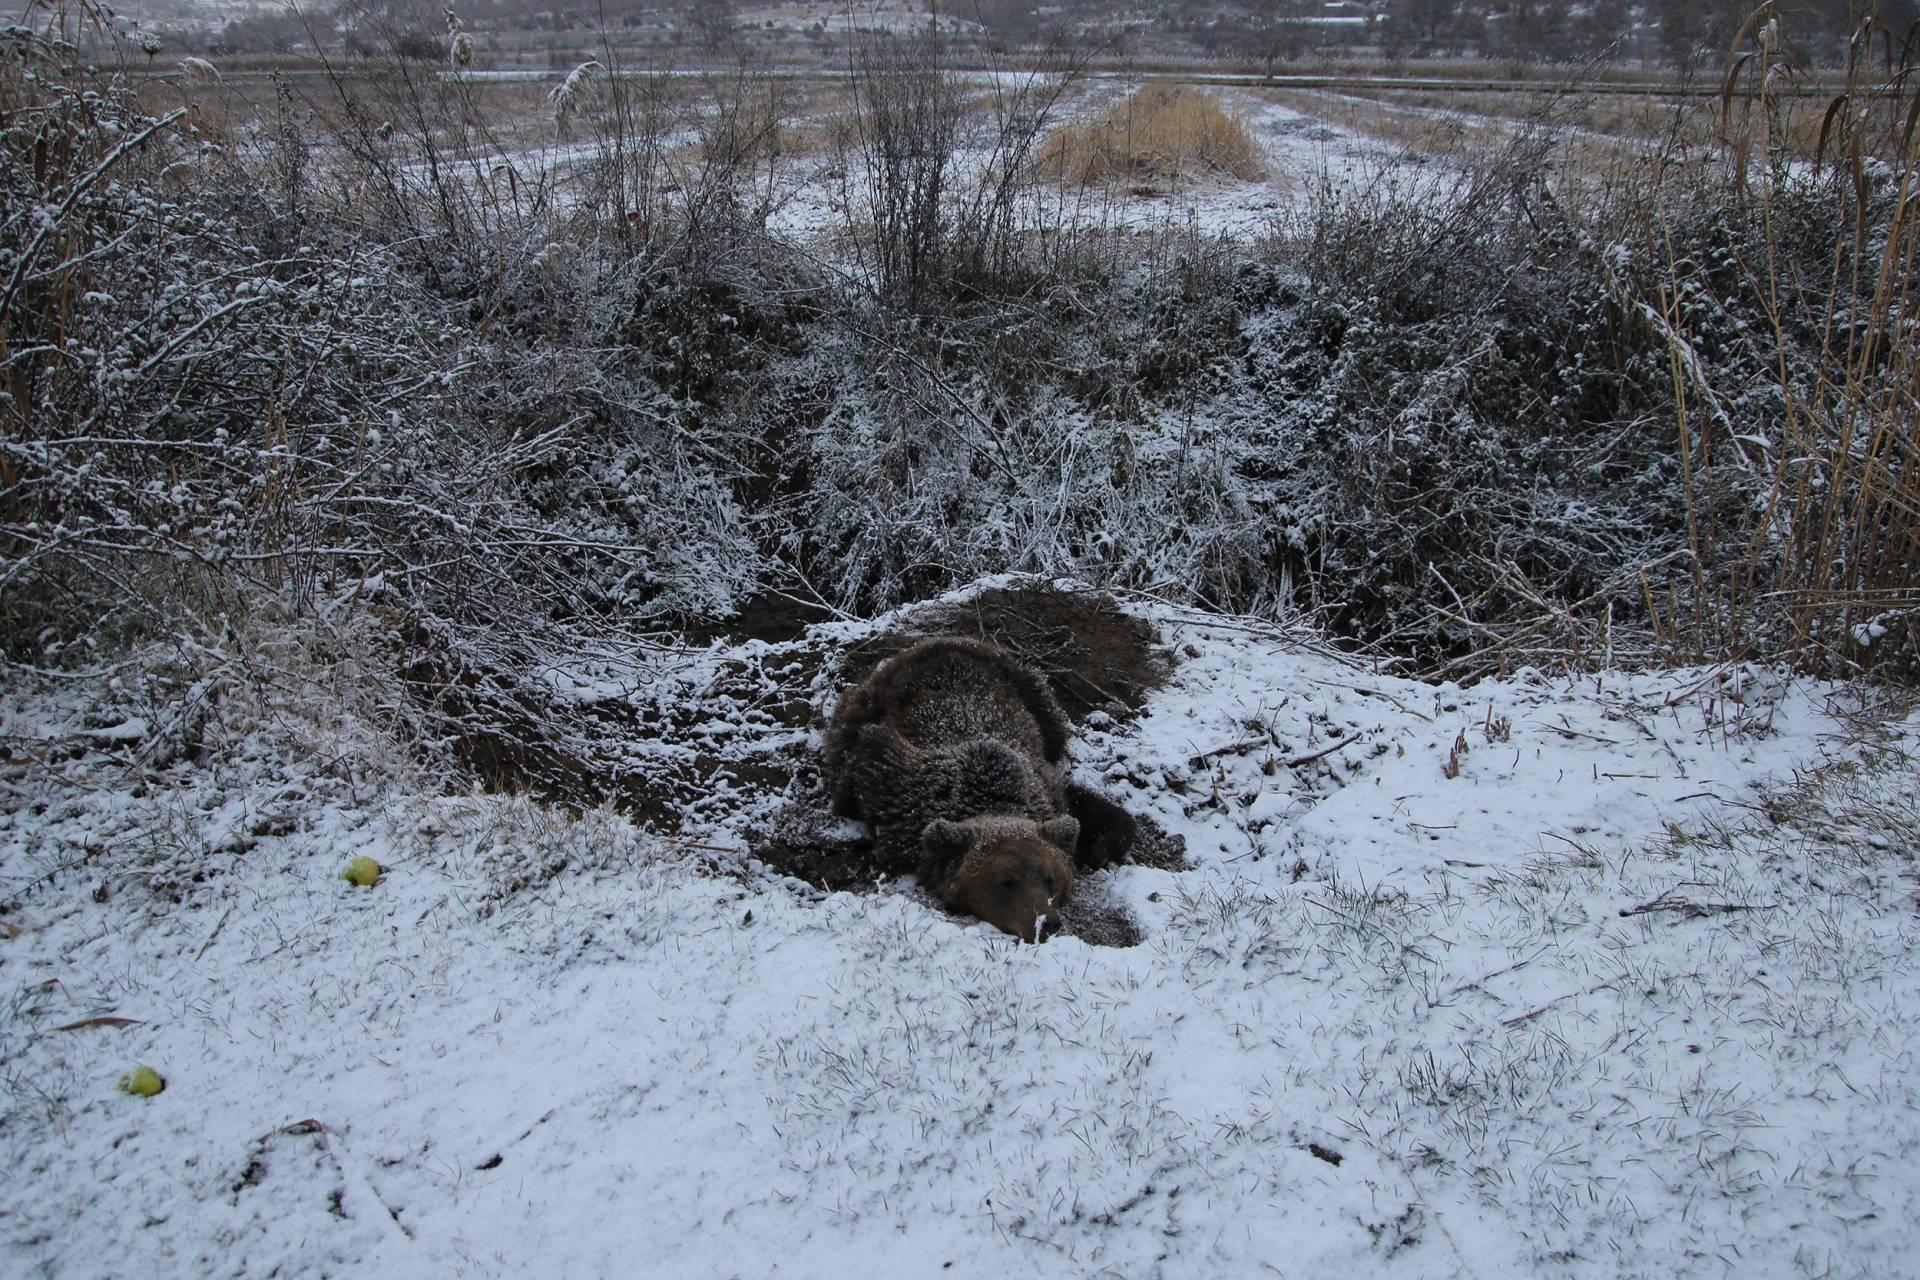 Αρκούδα παγιδεύτηκε σε παράνομη θηλειά για αγριογούρουνα κοντά στον Λευκώνα Πρεσπών